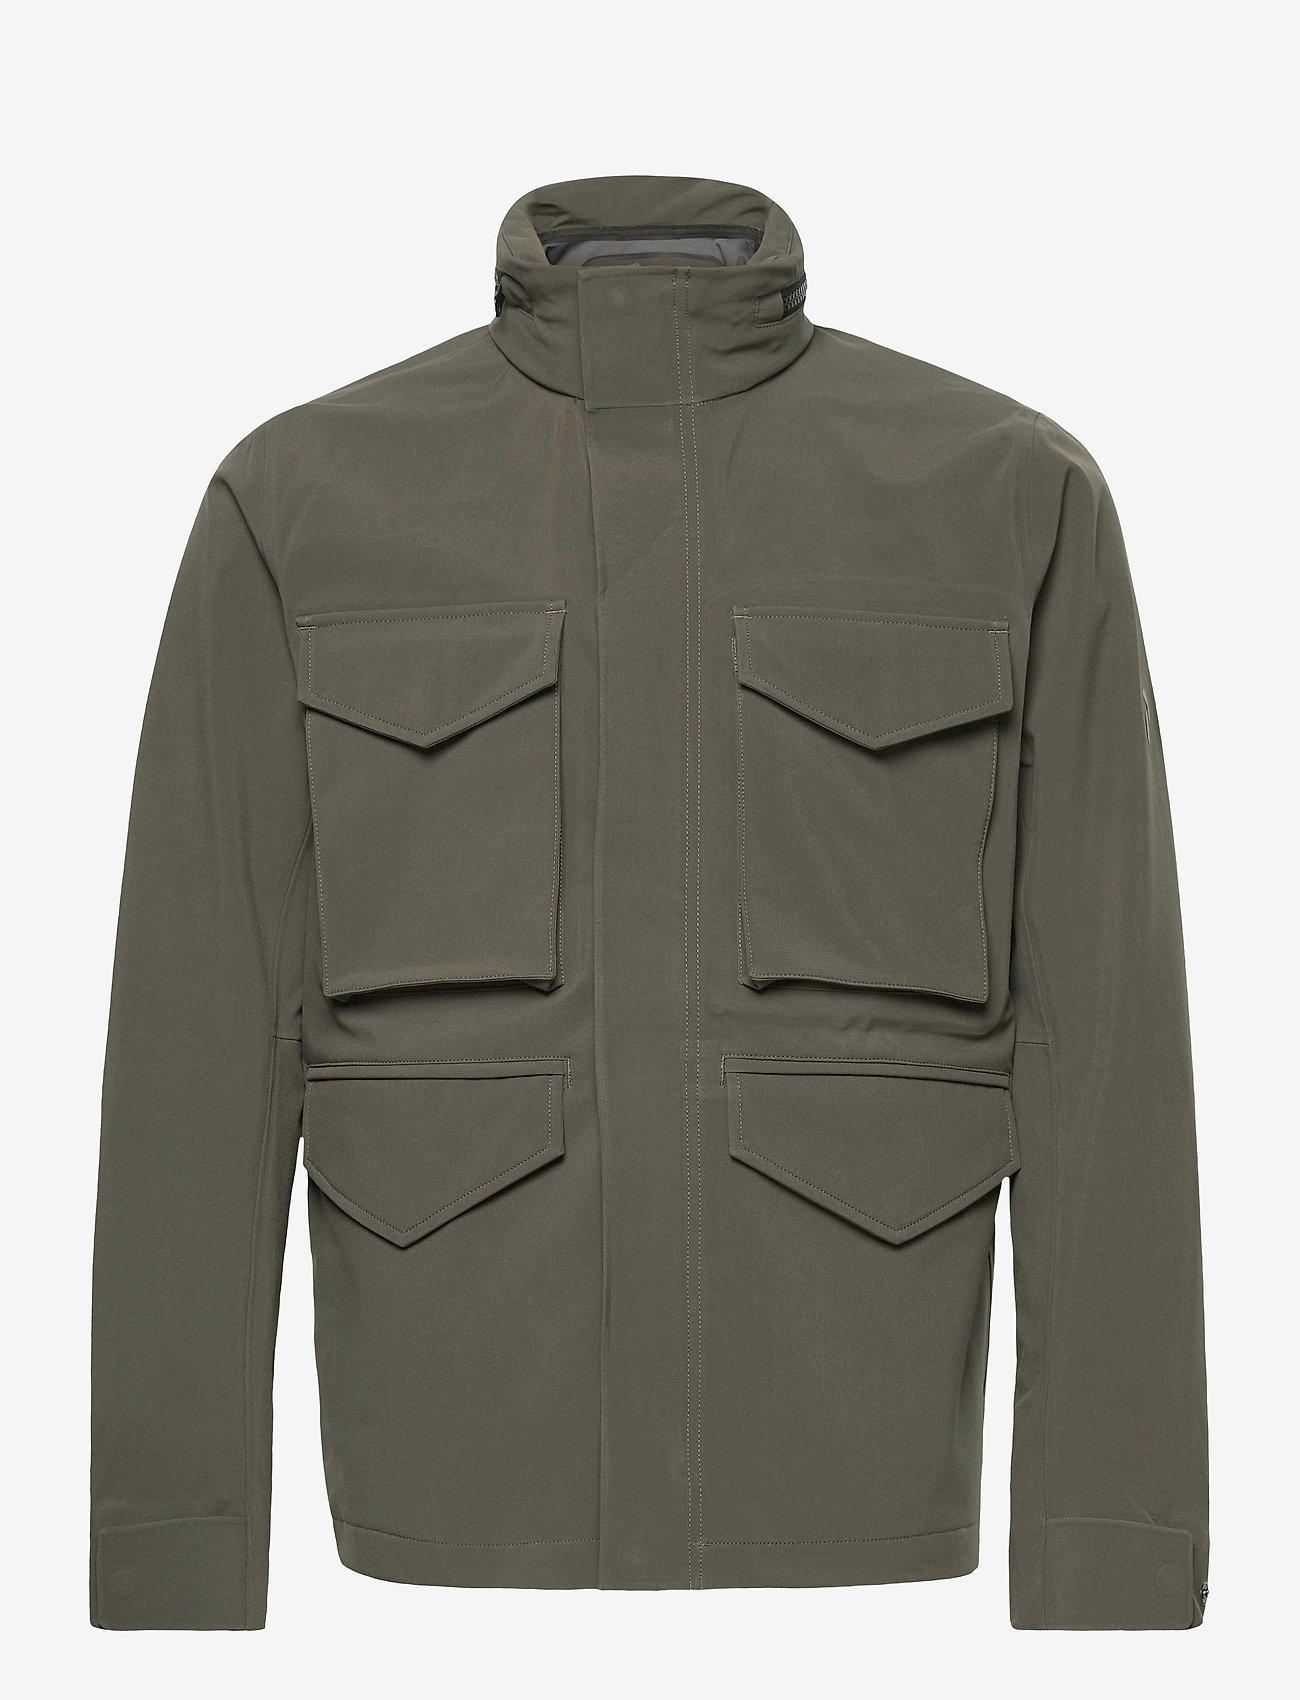 Peak Performance - M Softshell Field Jacket - ulkoilu- & sadetakit - black olive   deep earth - 0